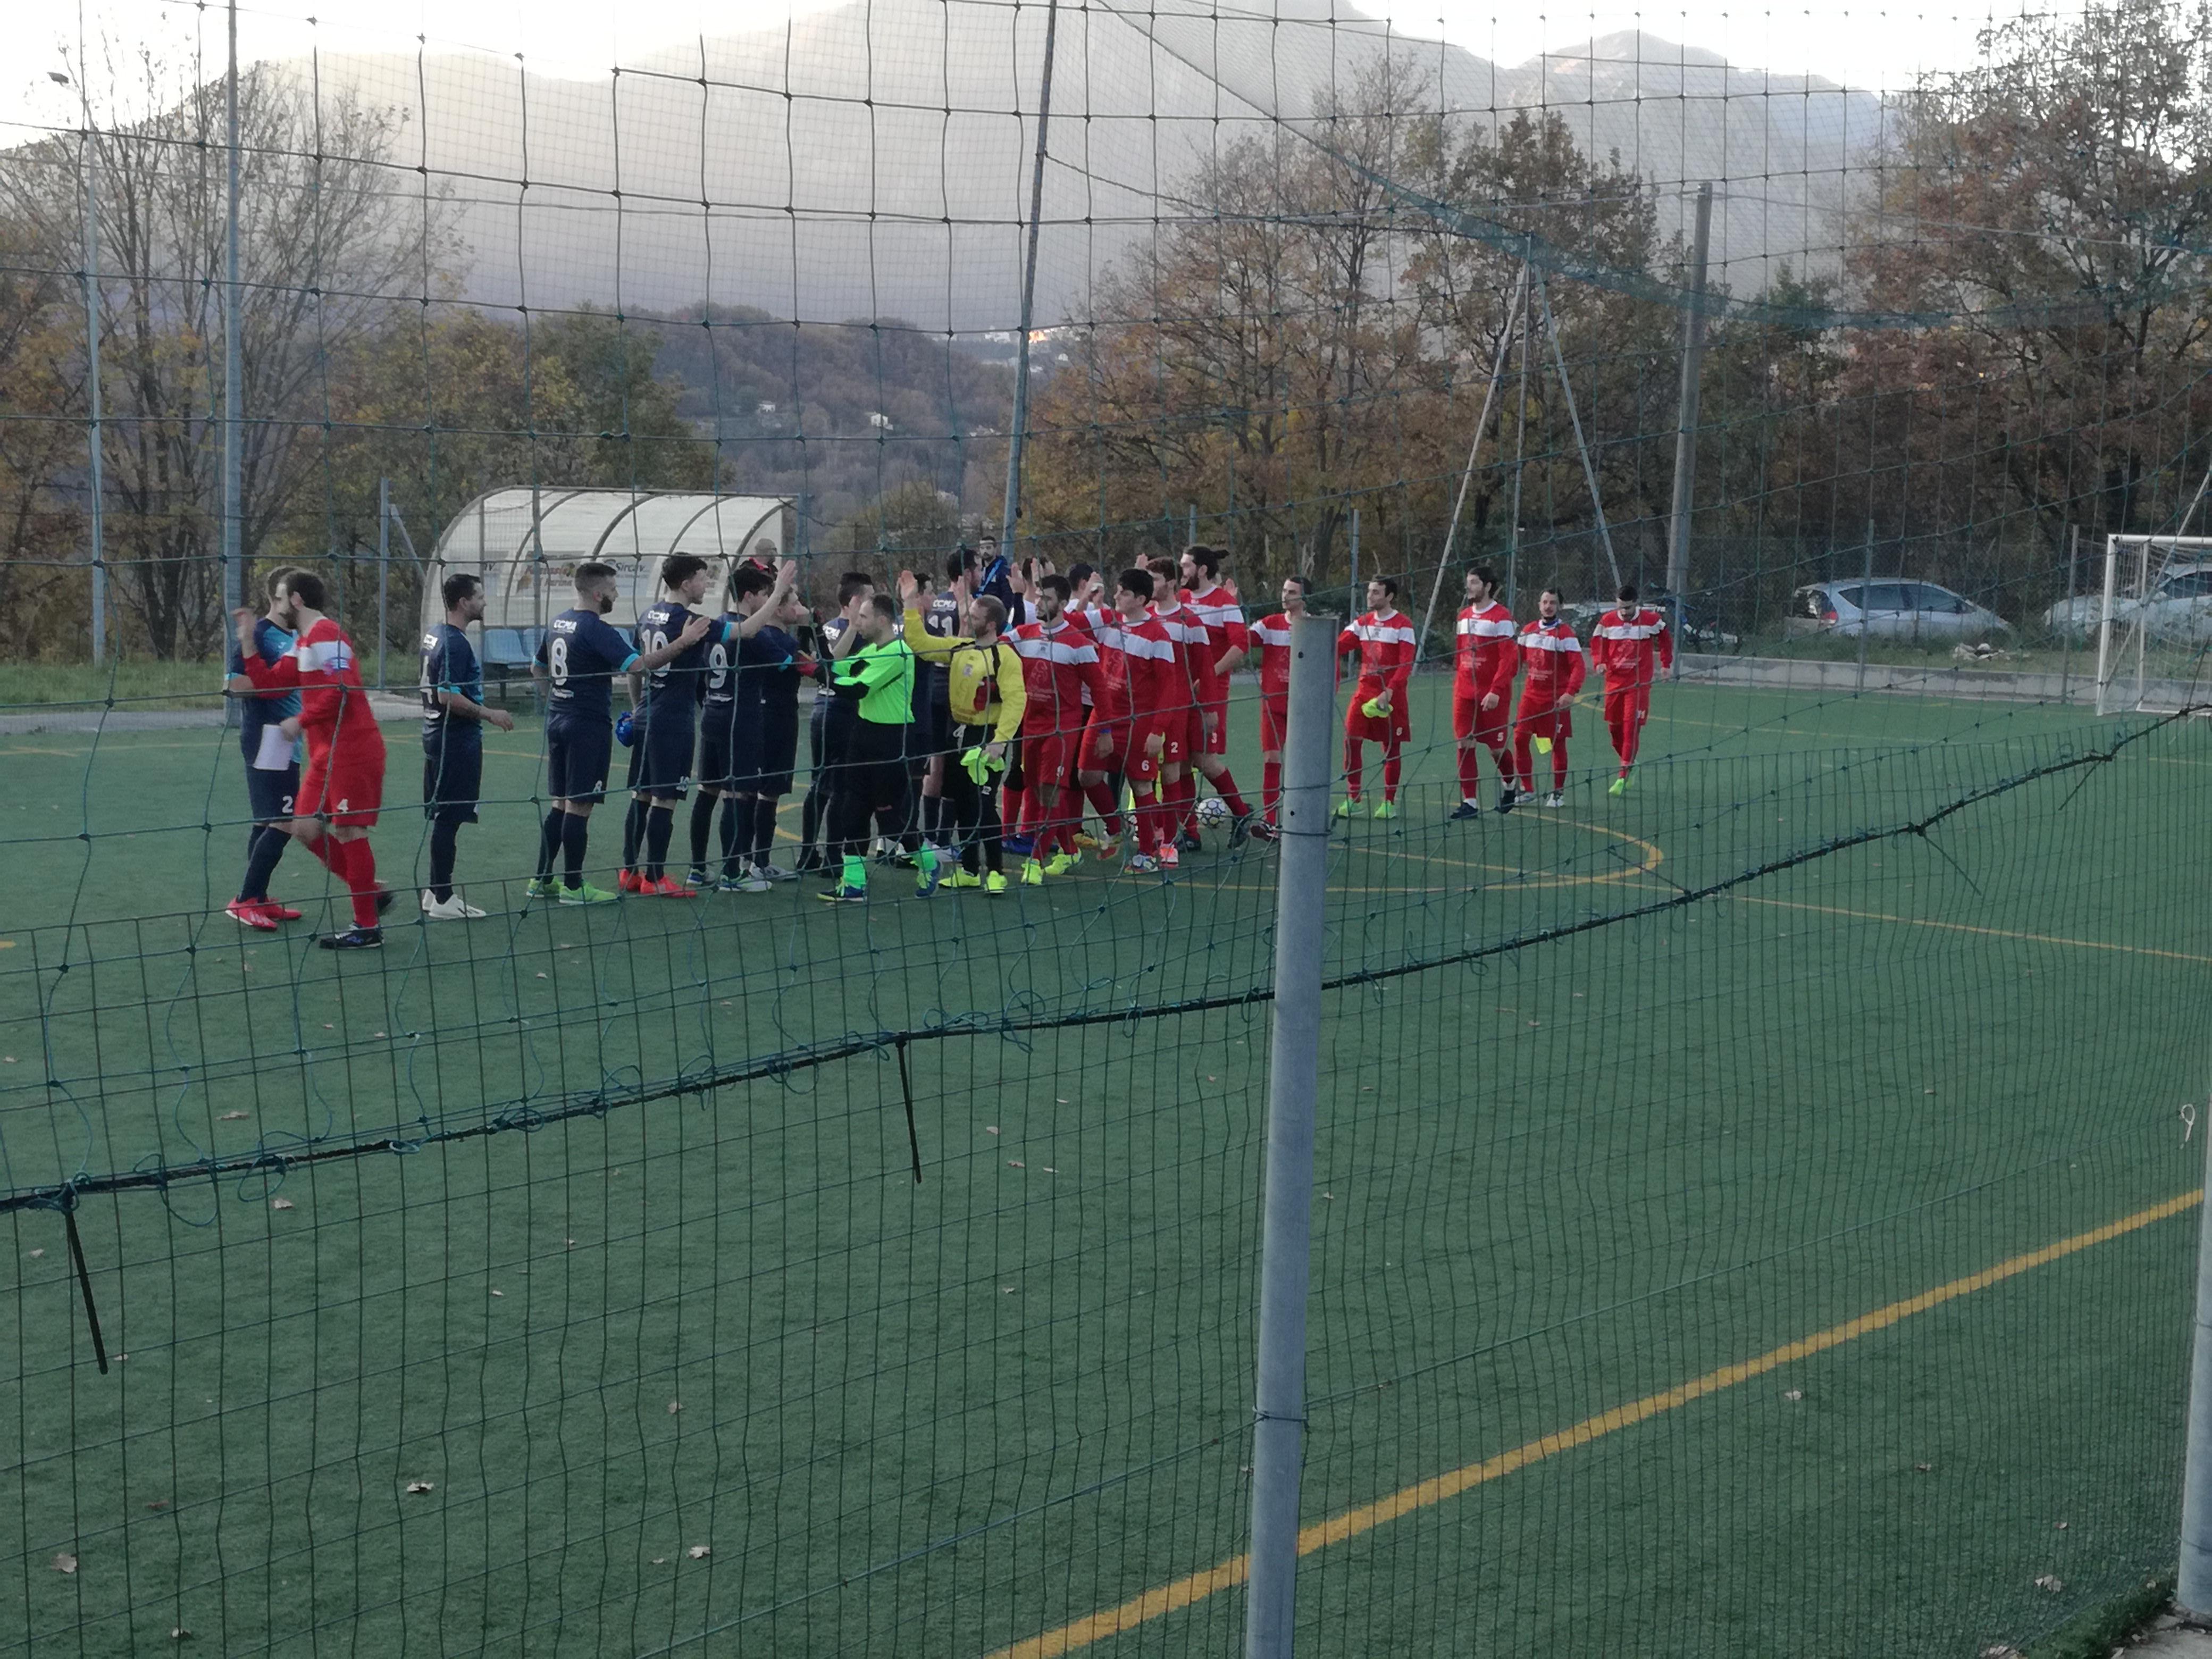 Calcio a 5 serie C1: LA Futsal Colli vola in vetta. Dominato il Roccaravindola. Mancini, Fasano e Paolone decidono il big match.